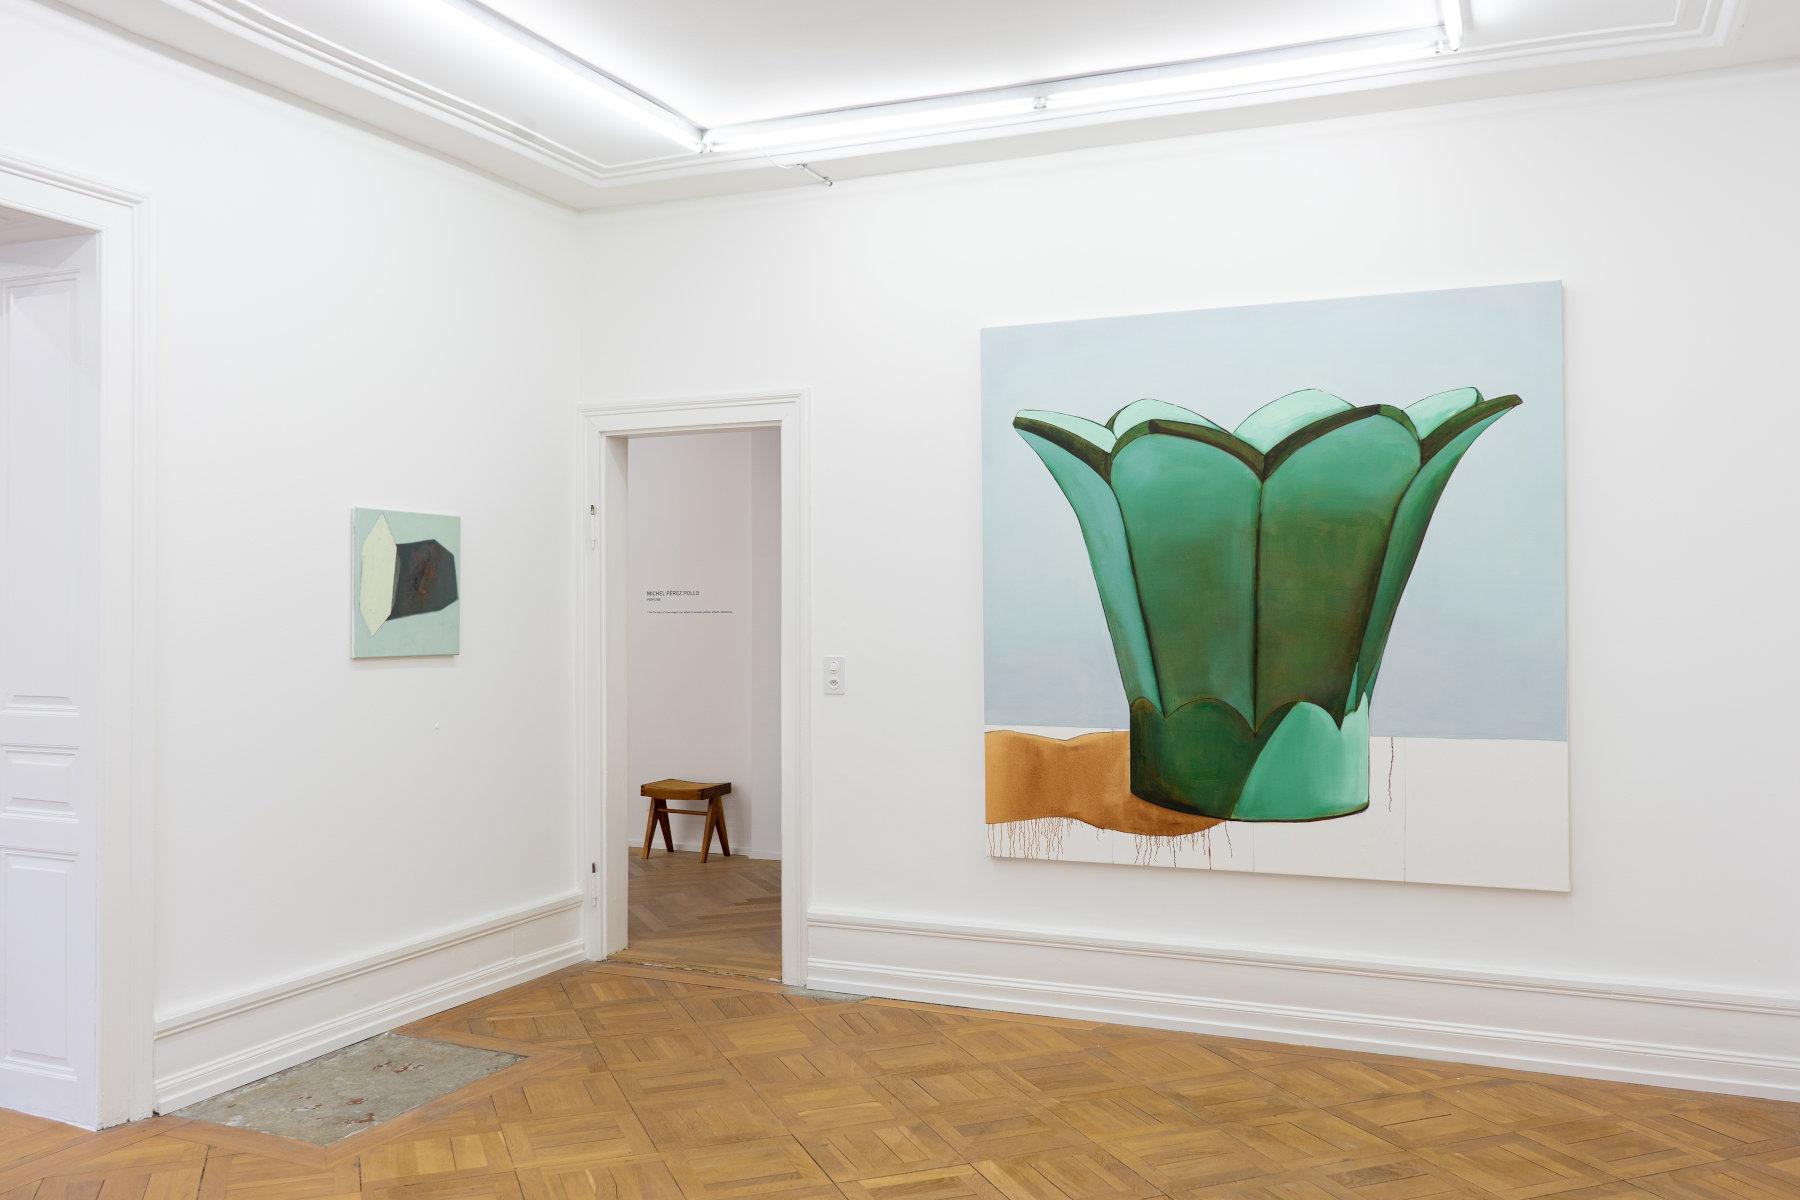 Mai 36 Galerie Michel Perez Pollo 1